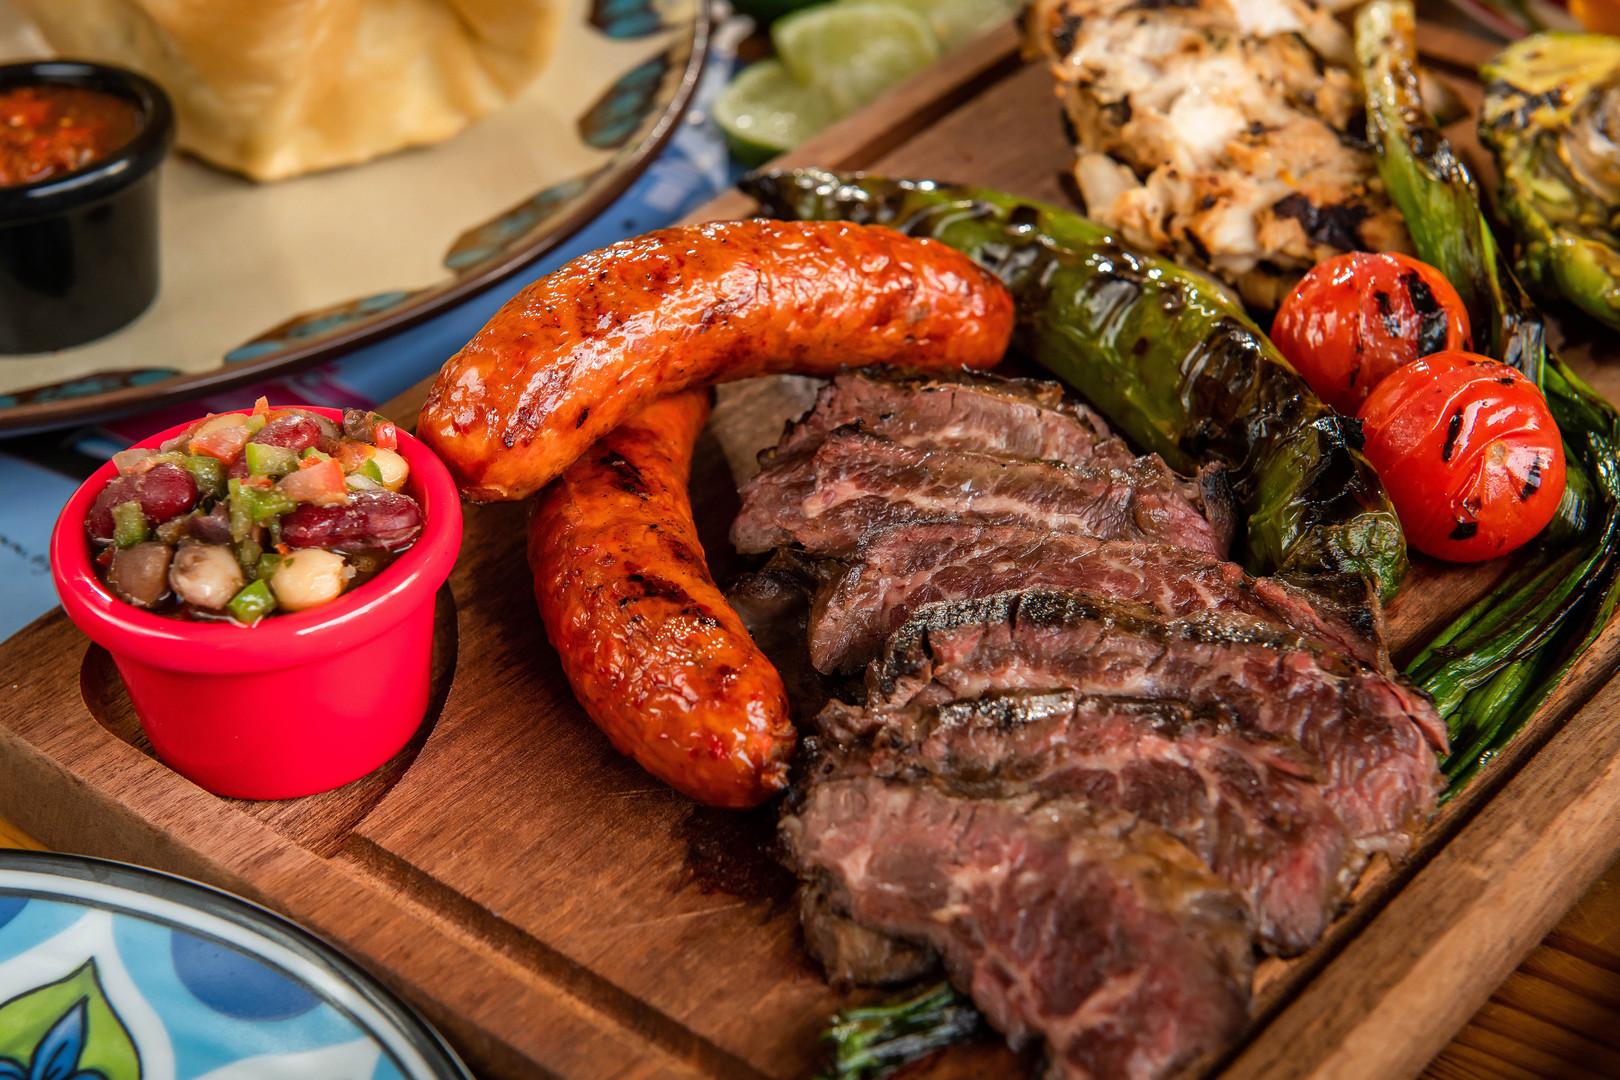 Cadillac_food 20.jpg